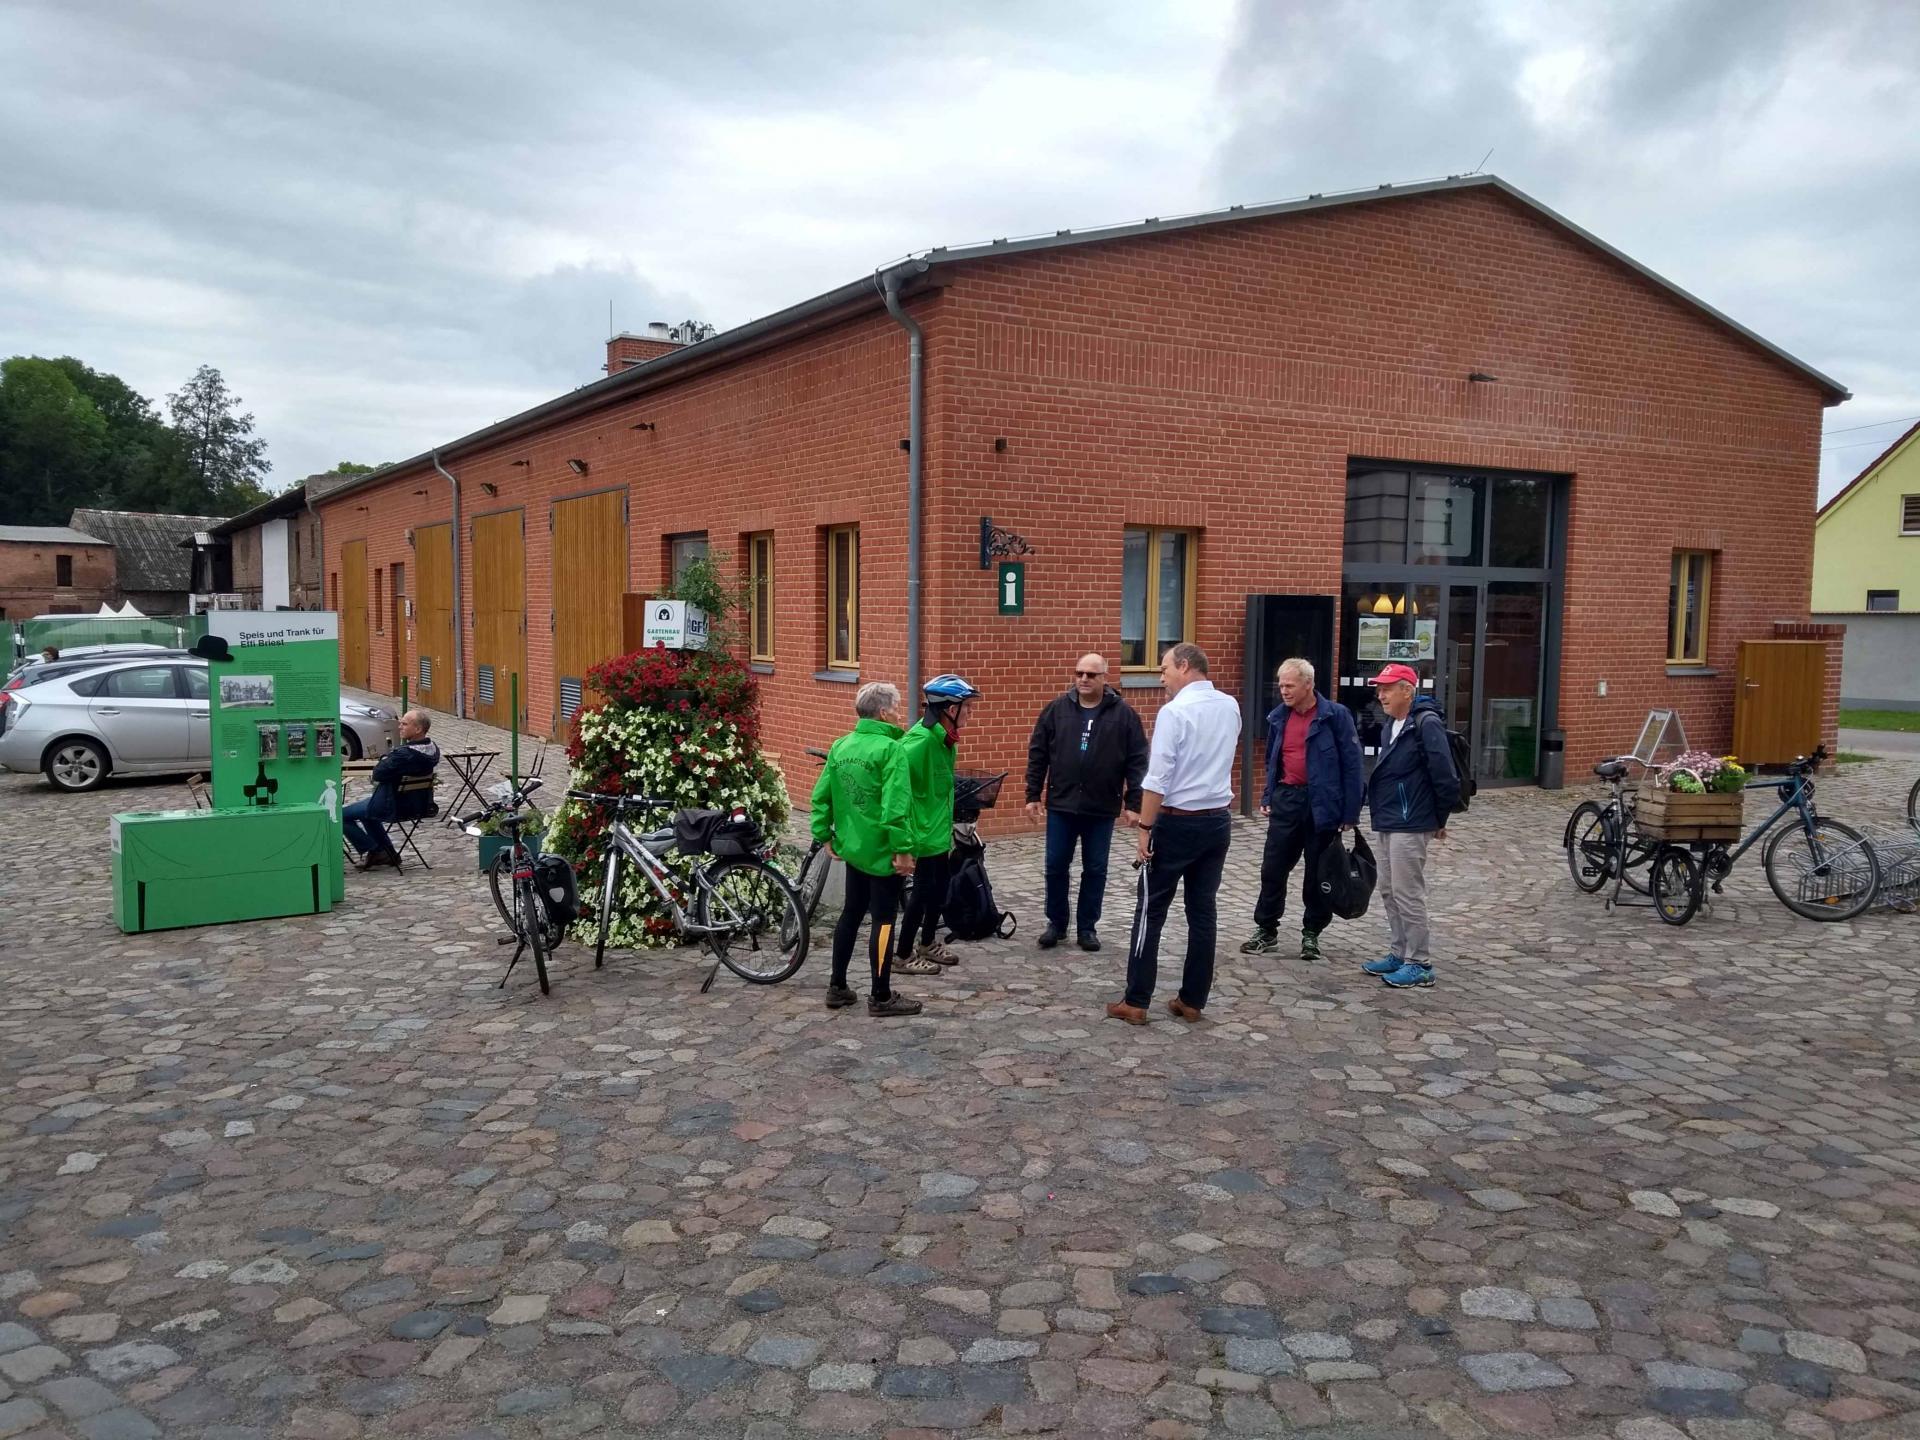 Radler*innen vor der Infostelle in Altlandsberg